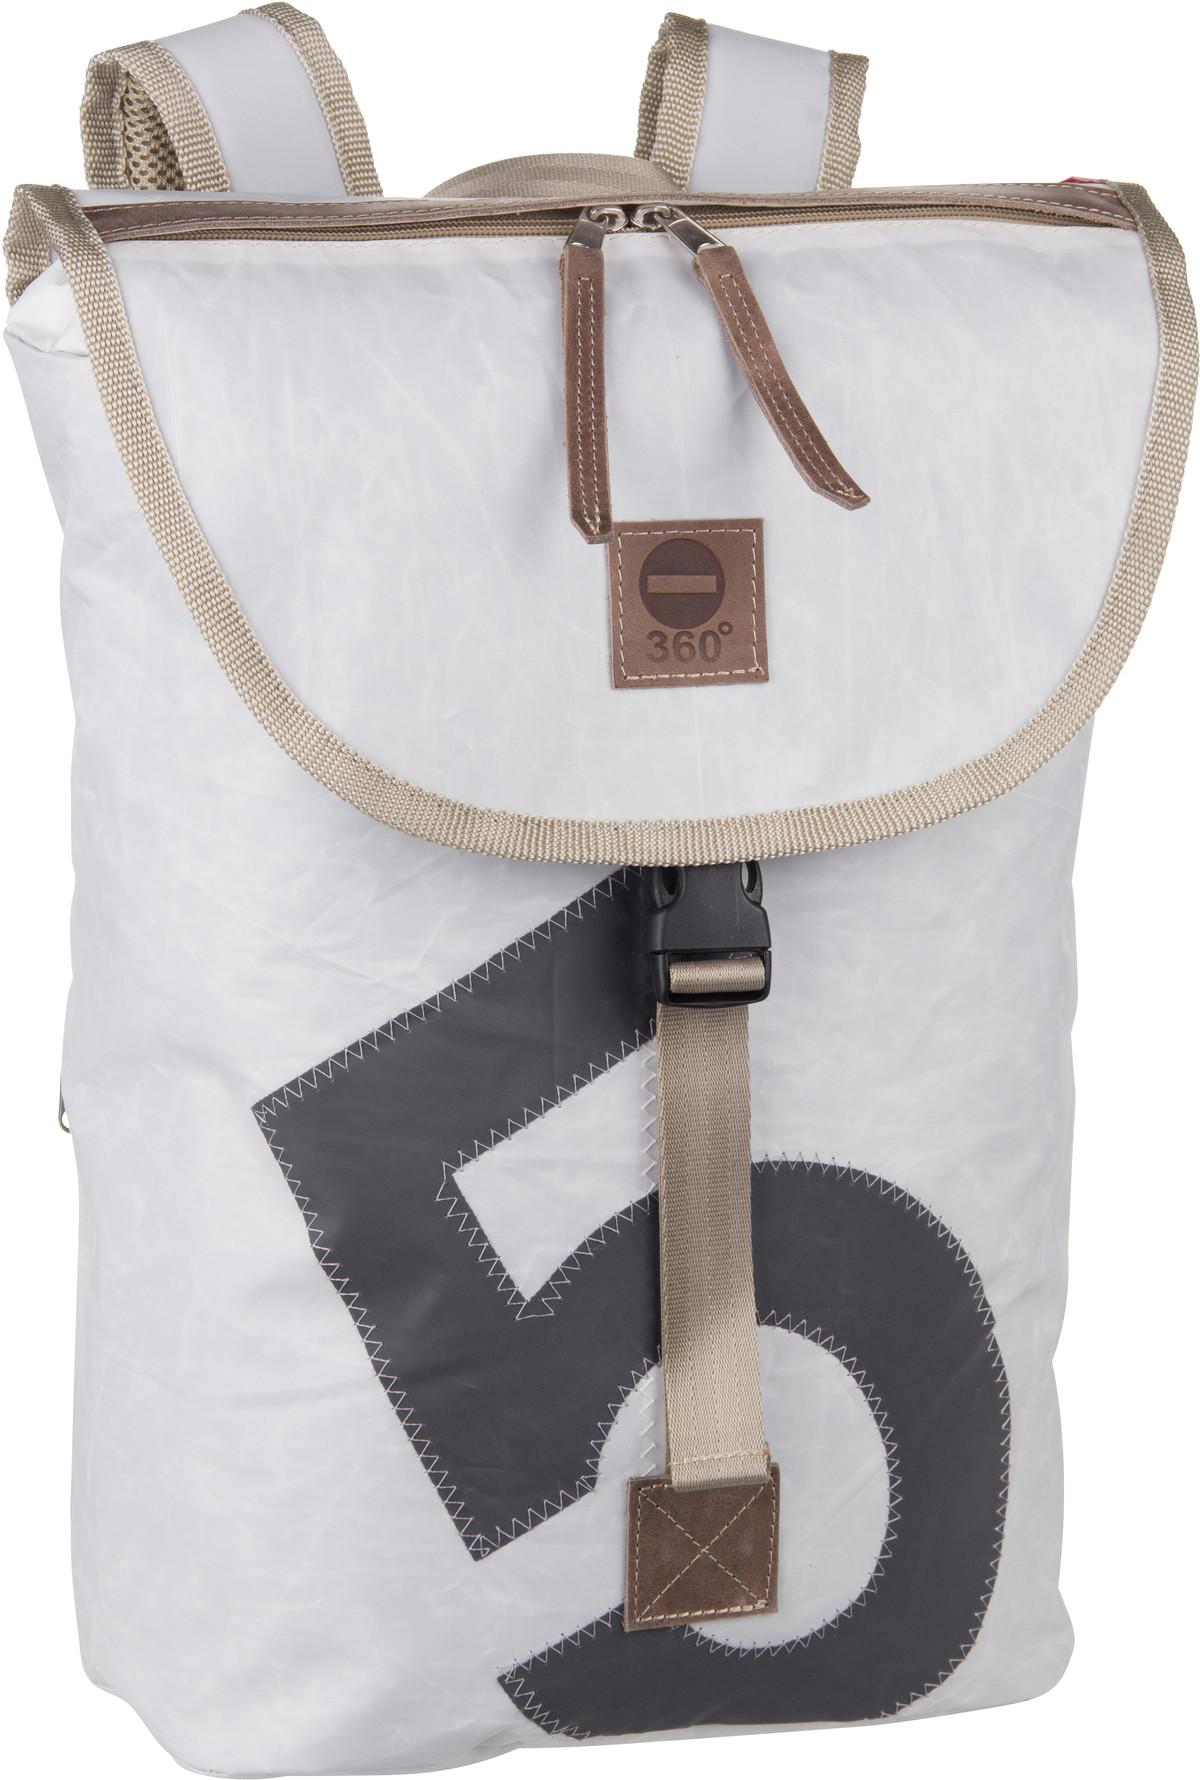 Rucksack / Daypack Landgang Mini Rucksack Weiß mit grauer Zahl